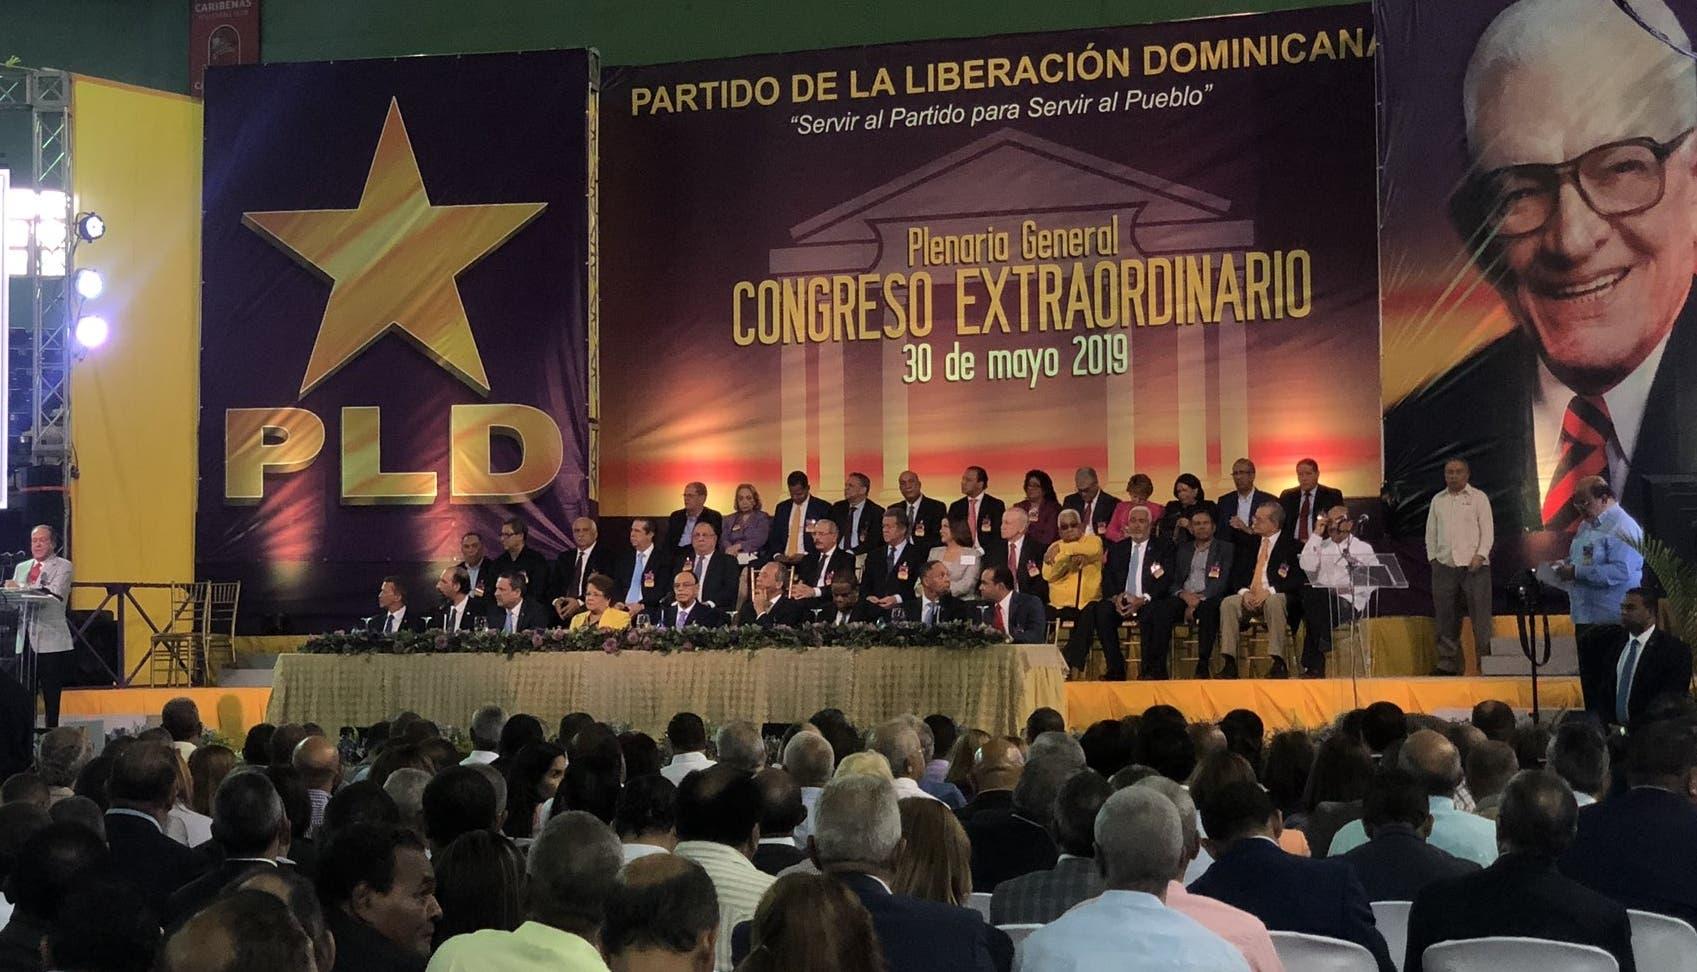 El partido morado celebró su congreso en el pabellón de voleibol del Centro Olímpico.  FUENTE EXTERNA